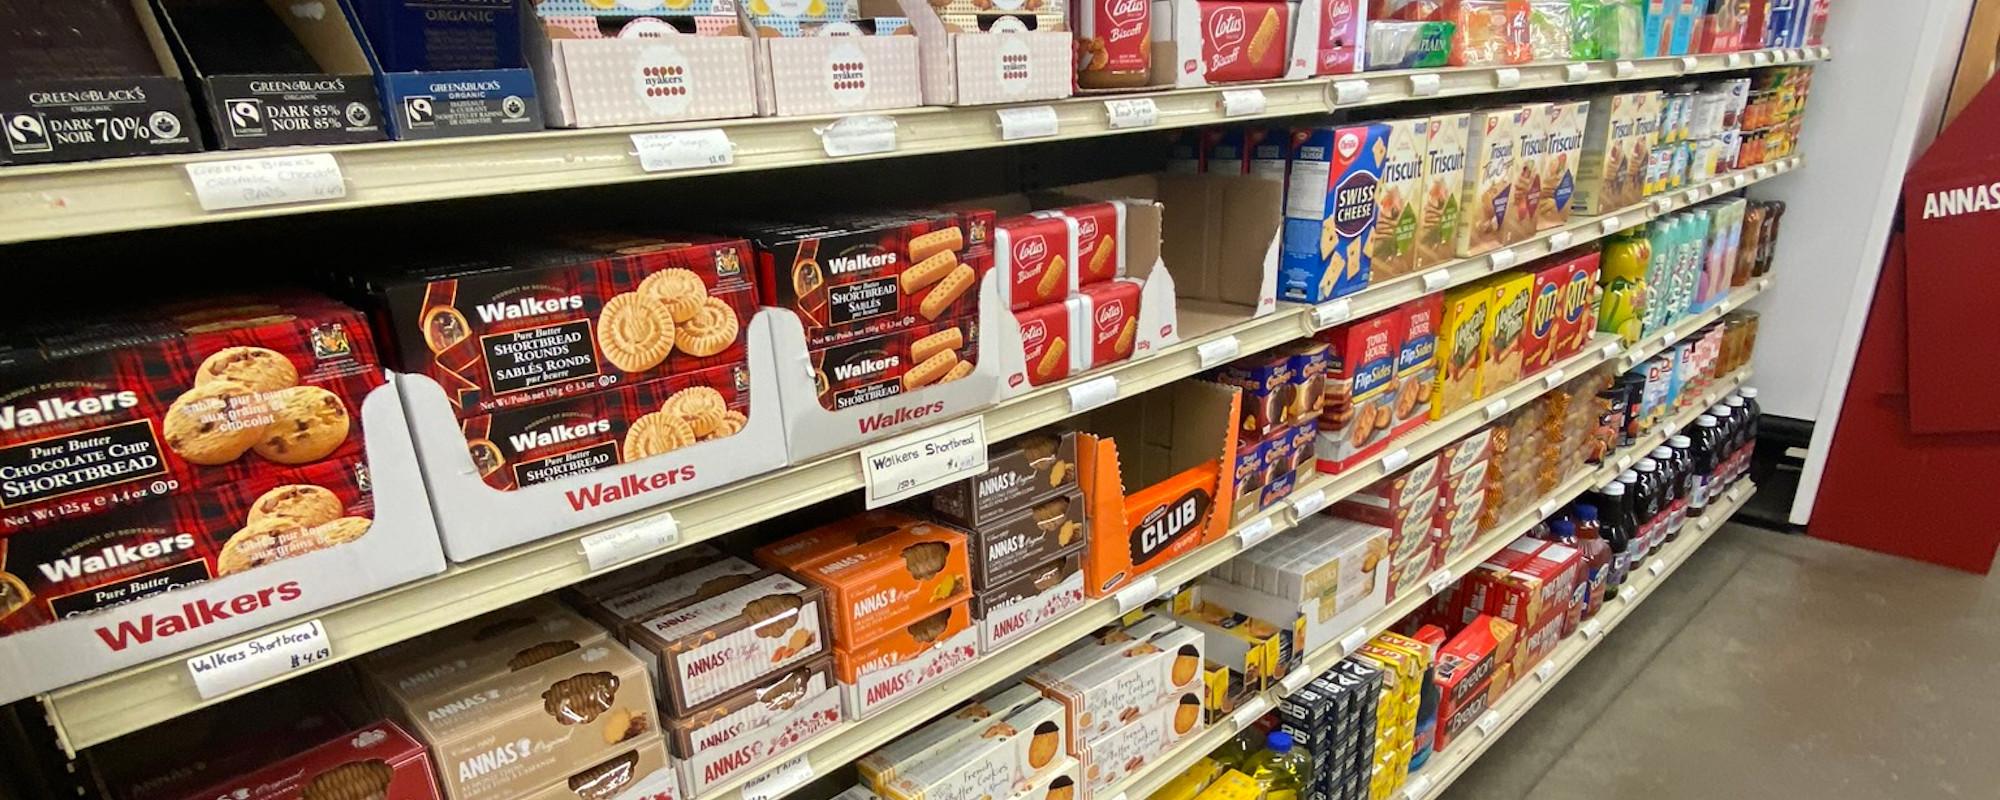 Ungers Market - Groceries